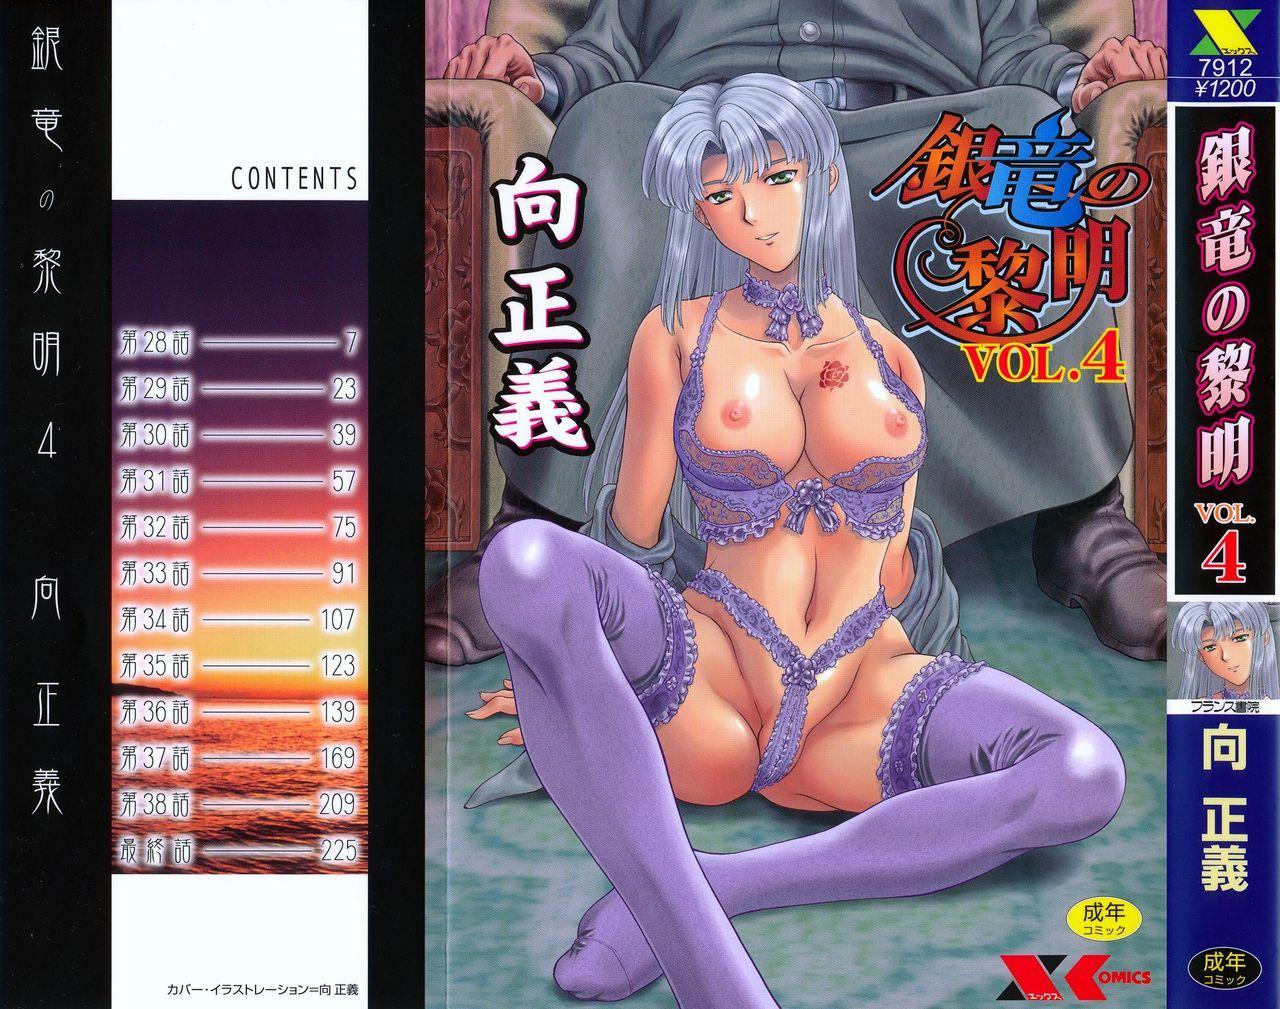 Ginryuu no Reimei   Dawn of the Silver Dragon Vol. 4 0